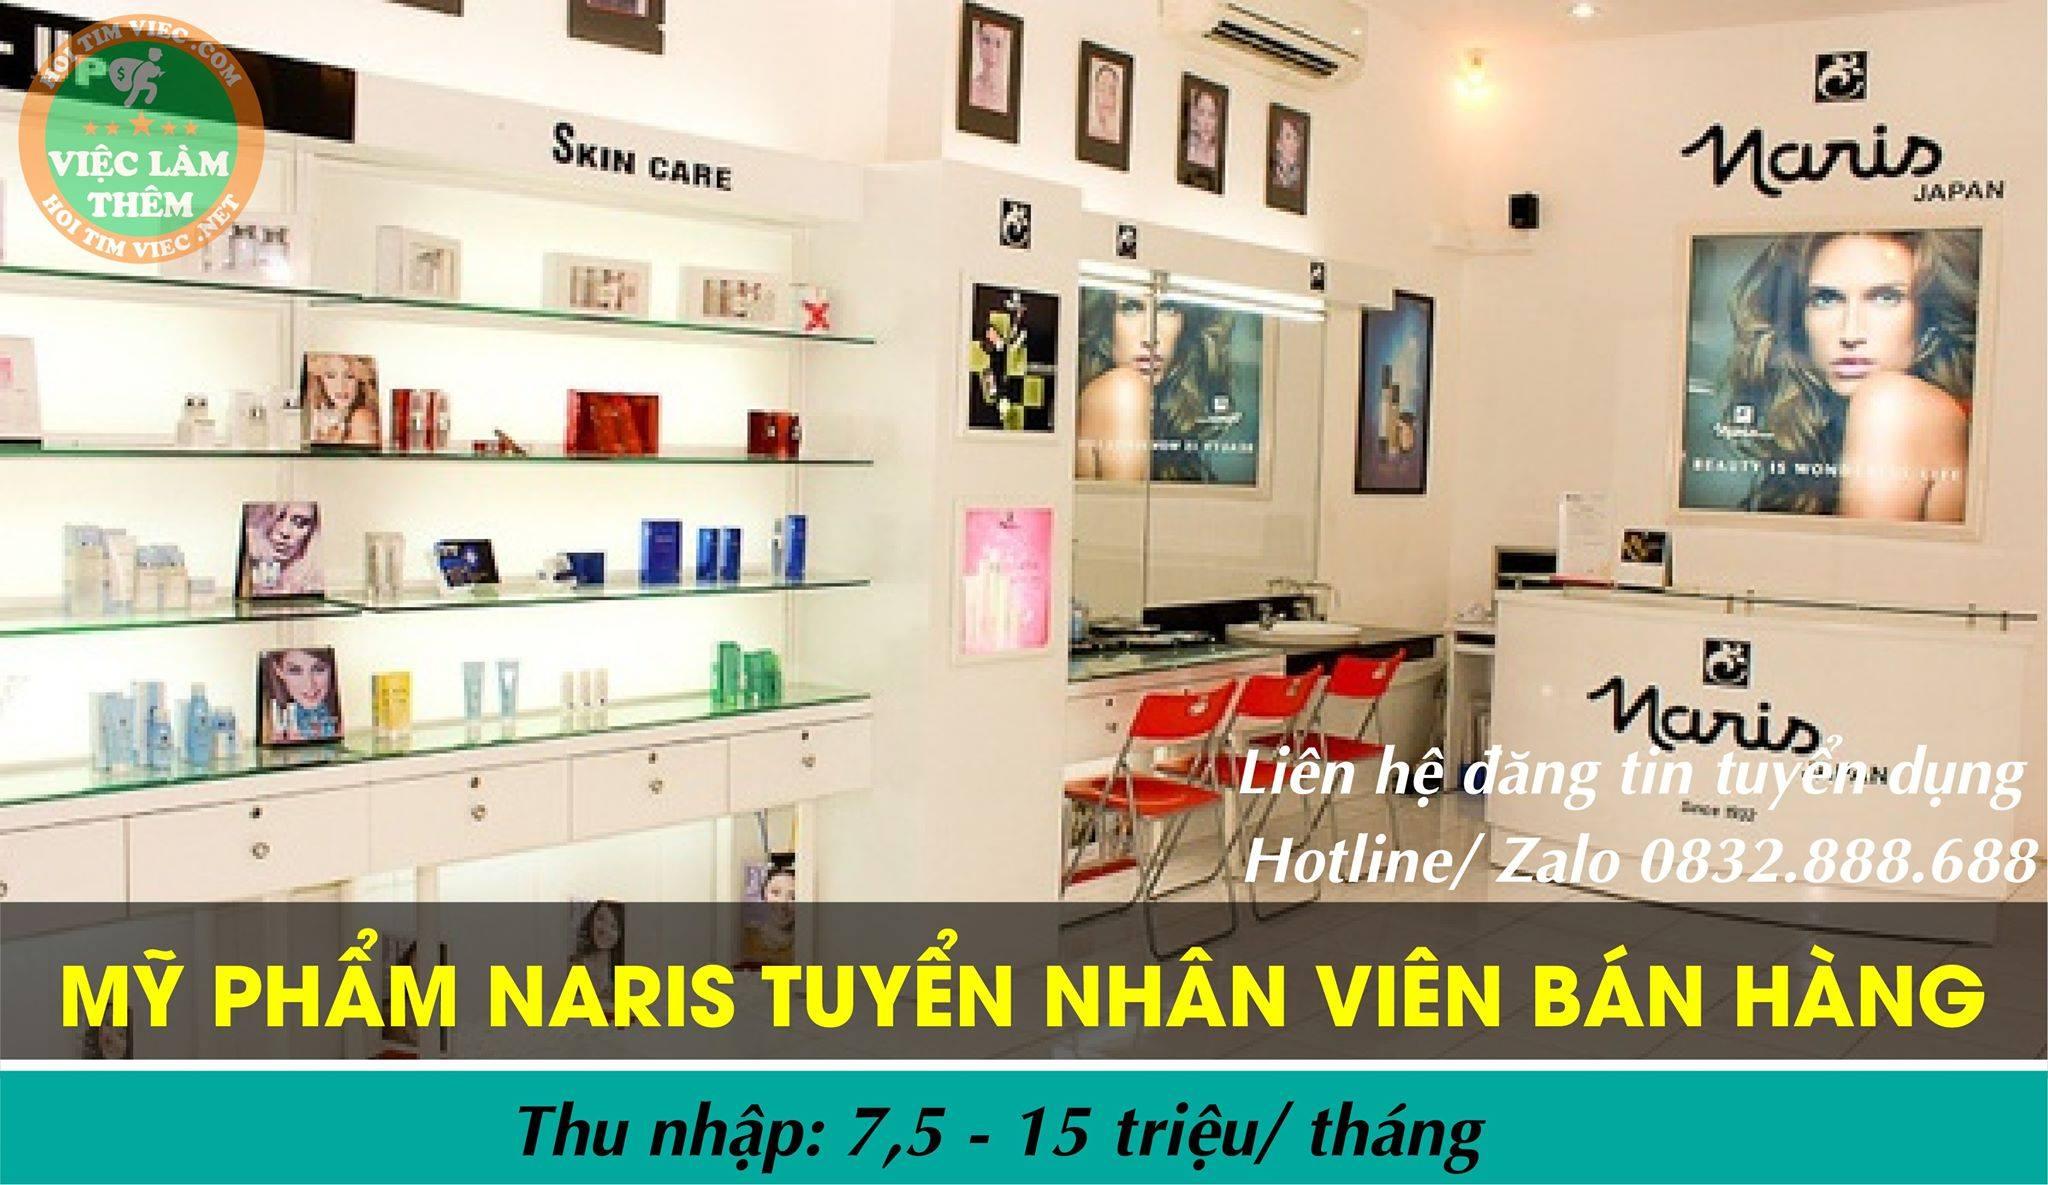 Tuyển nhân viên bán hàng – Shop mỹ phẩm Naris